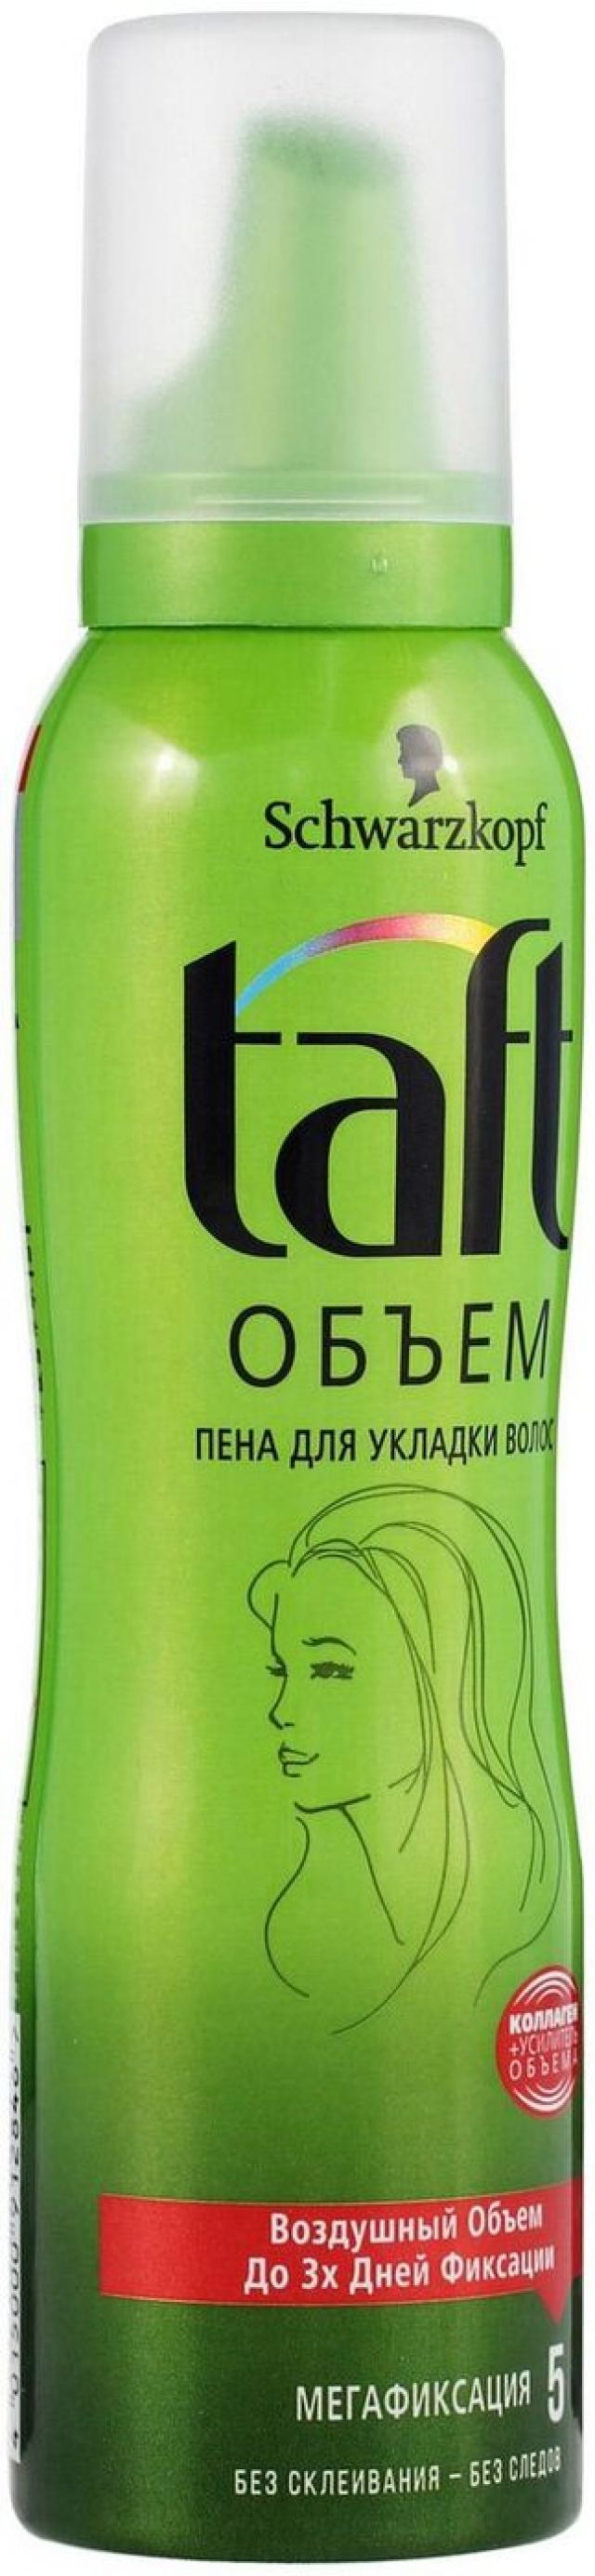 Тафт пена для волос Объем 150мл купить в Москве по цене от 0 рублей